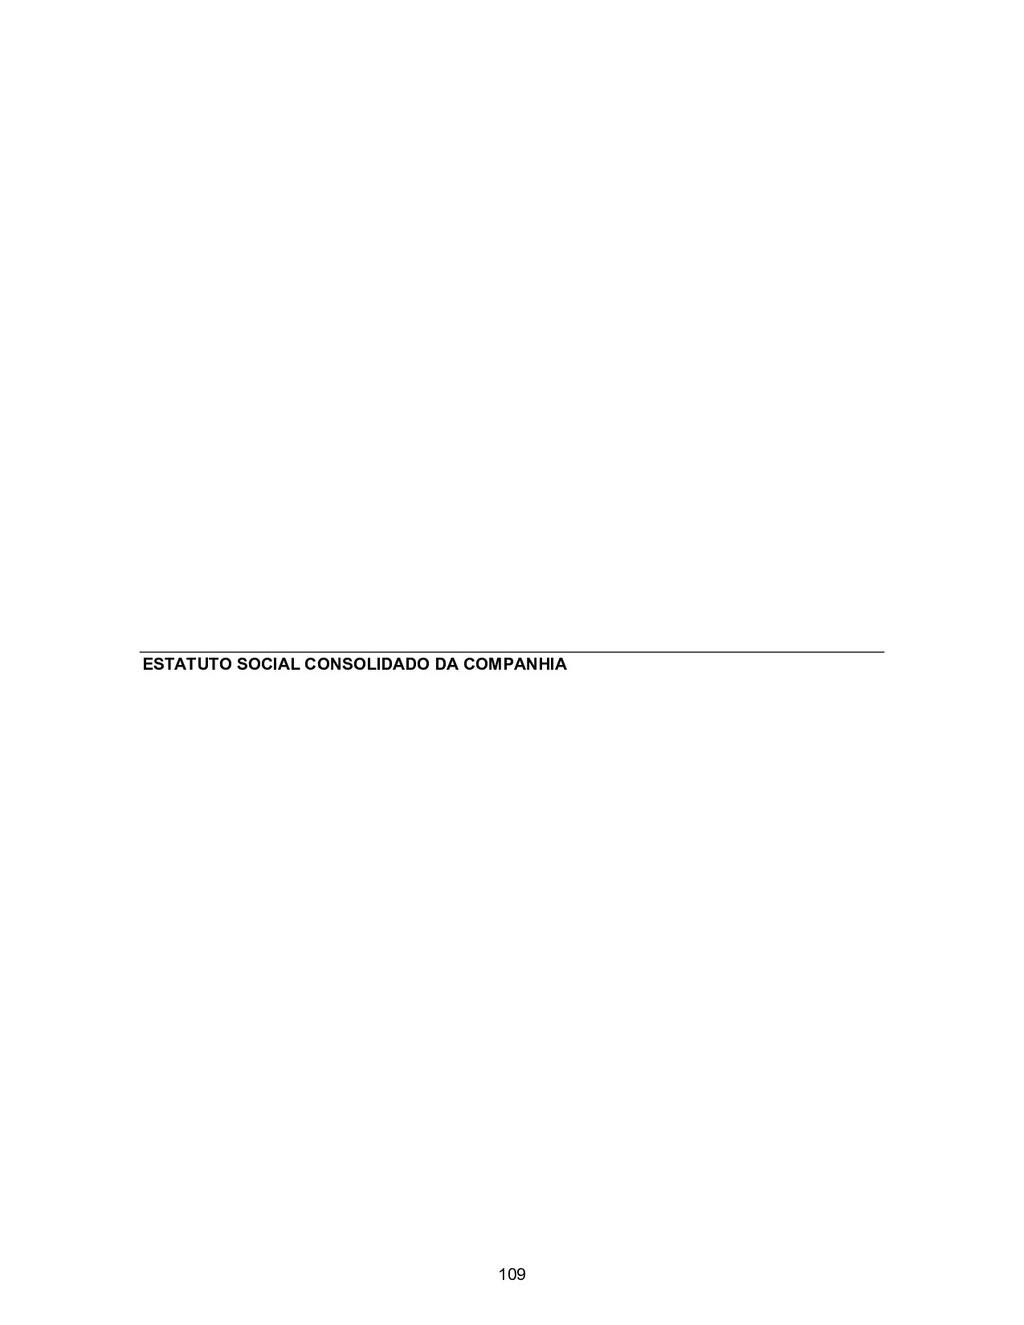 ESTATUTO SOCIAL CONSOLIDADO DA COMPANHIA 109